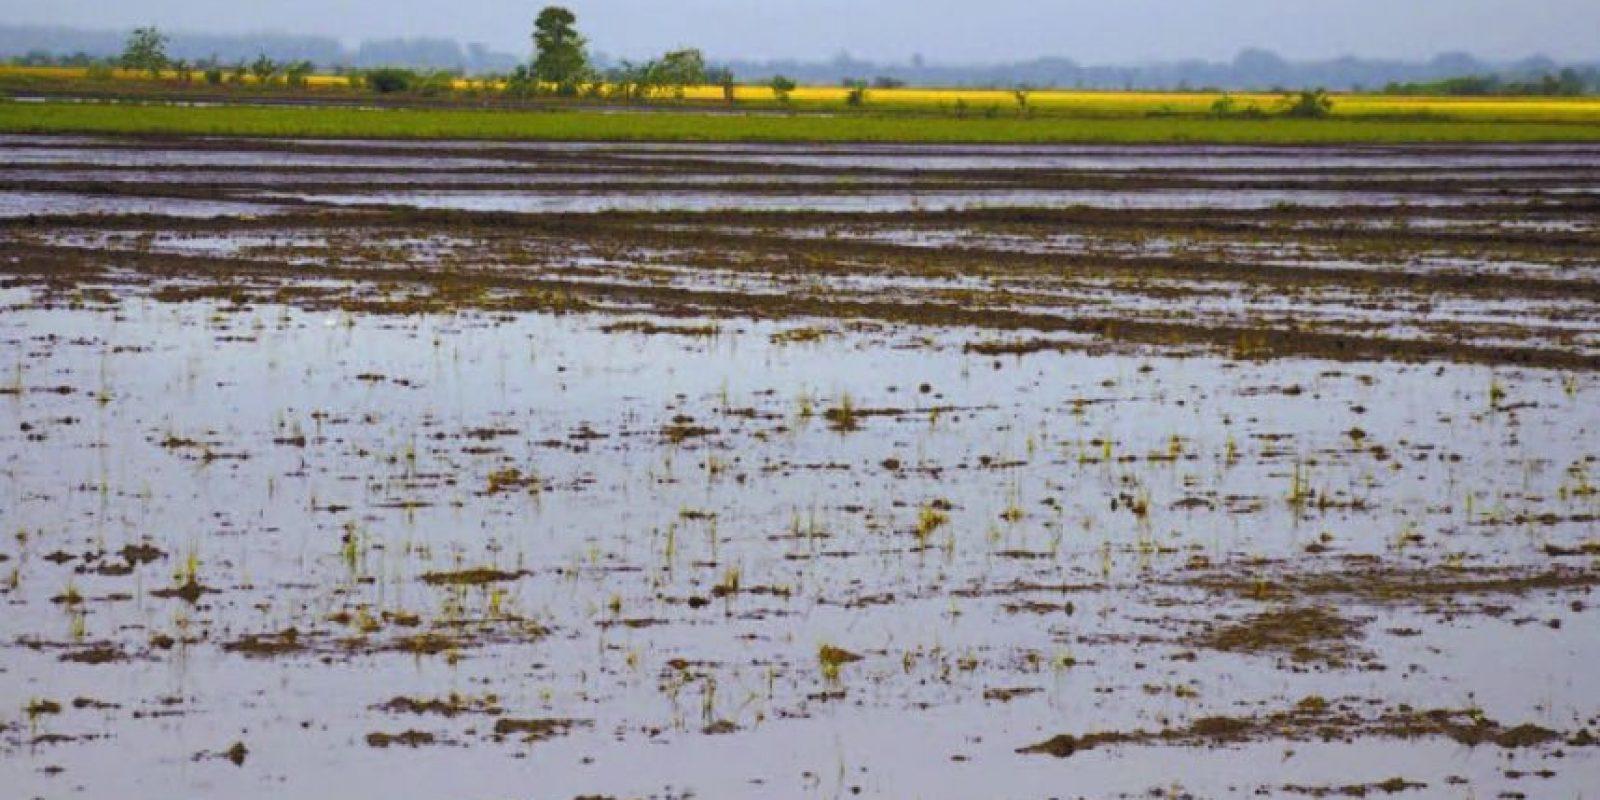 Tareas sembradas de arroz inundadas por lluvias en Bajo Yuna Foto:Fuente externa